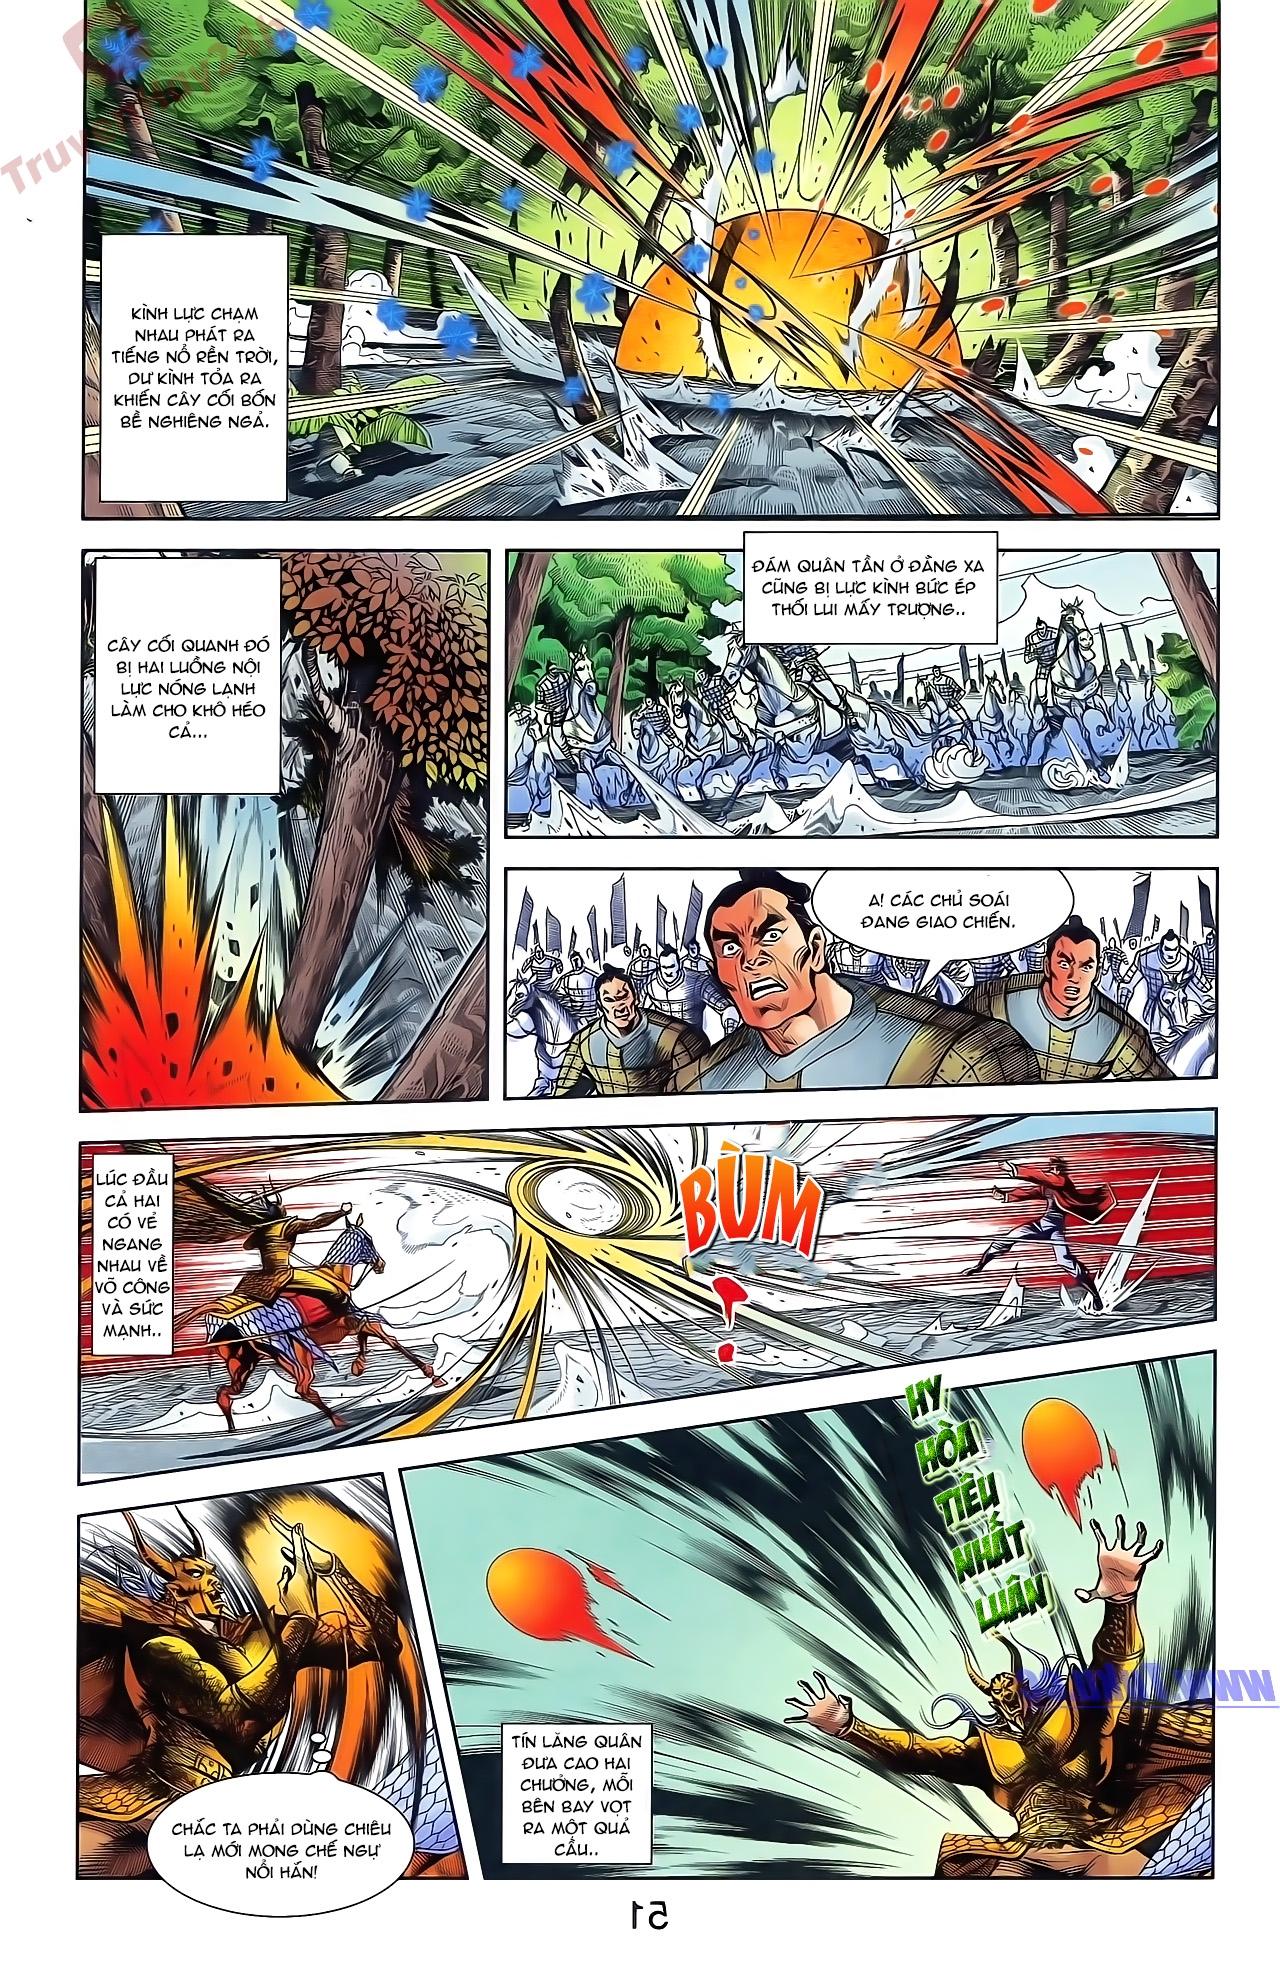 Tần Vương Doanh Chính chapter 49 trang 5